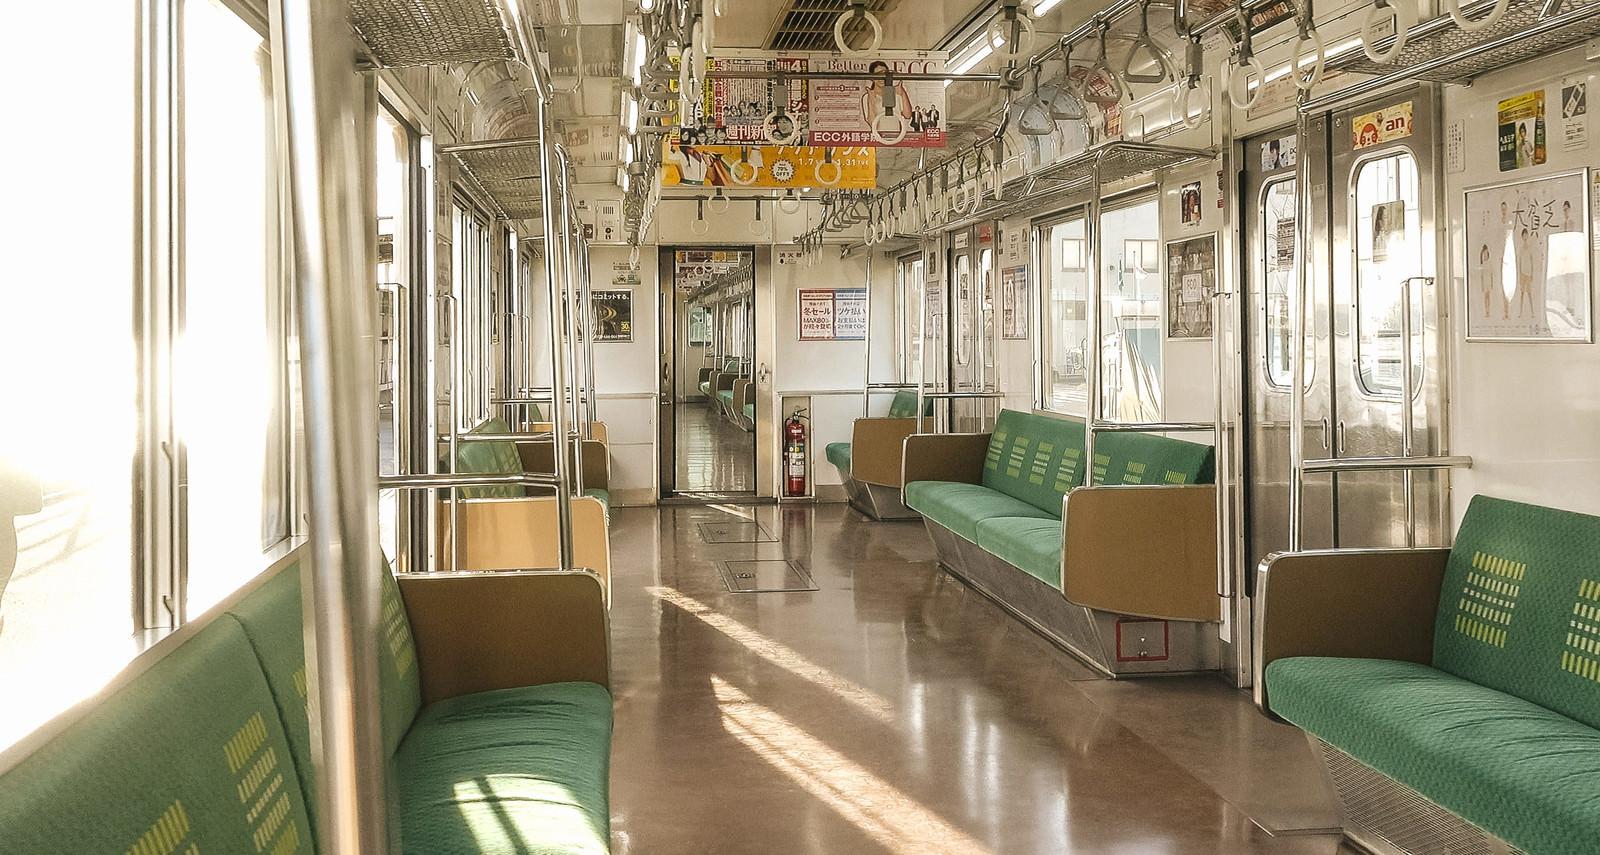 「終着駅で停車中のJR鶴見線の車内」の写真